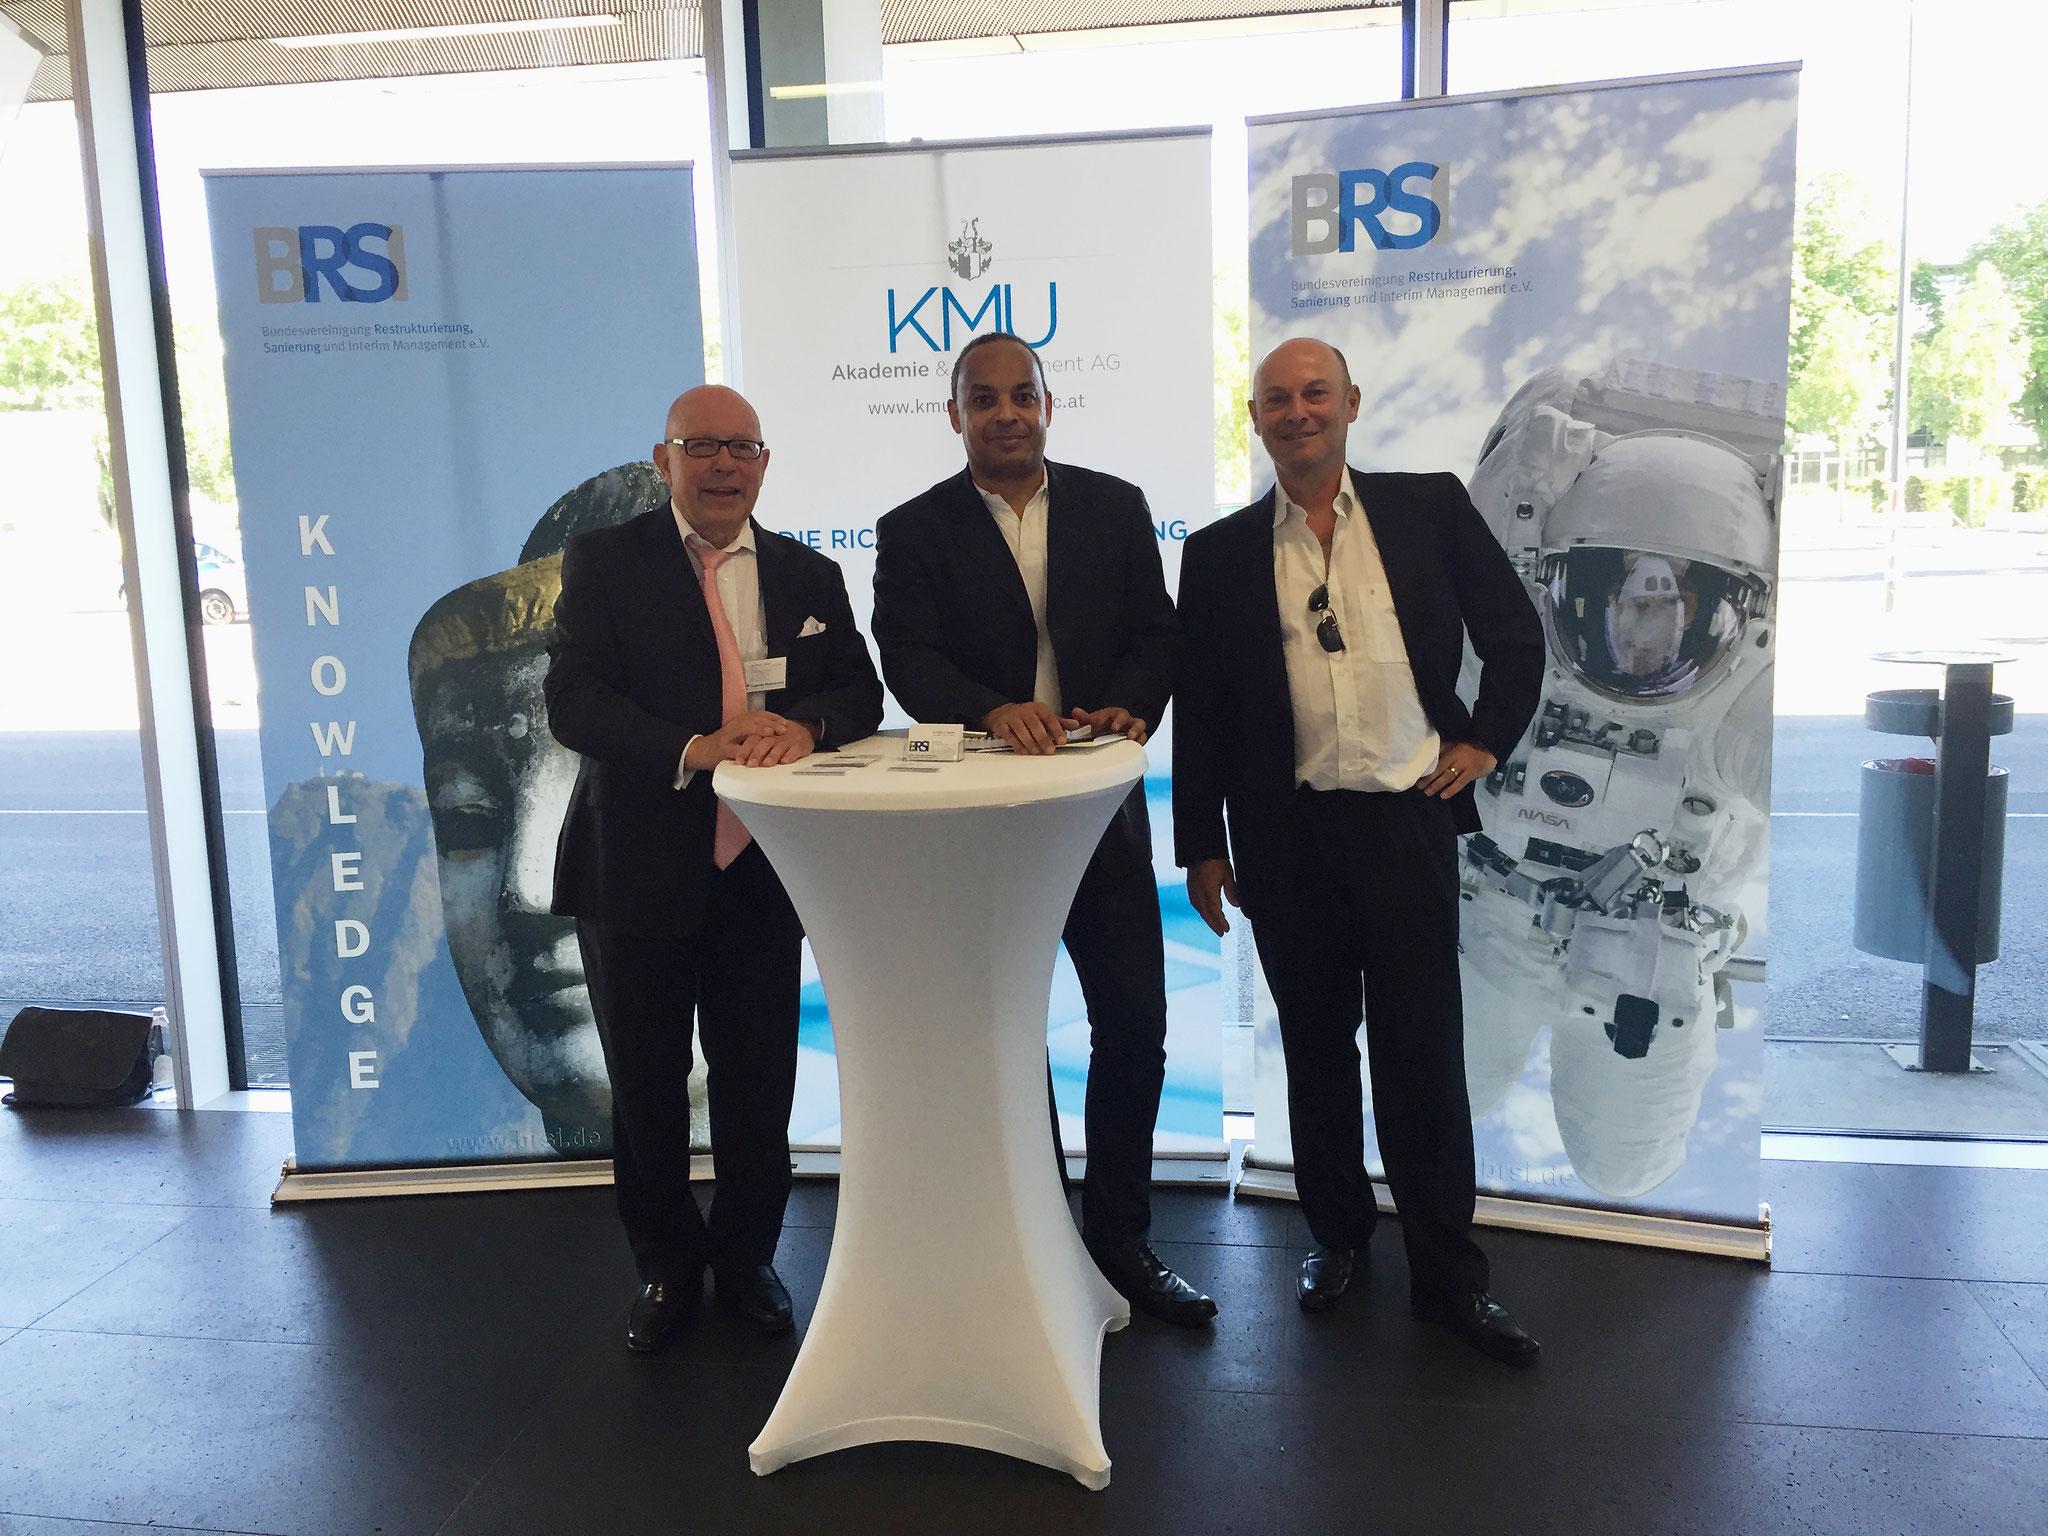 Von links Dr. Dieter Körner gemeinsam am BRSI Stand mit Dr. Markus Fellner Referent und Geschäftsführer der HUMAN MOVEMENT Organisationsberatung München und Herrn Ibrahim Alexander Grundner, Geschäftsführer der Agentur STARDUST Communication aus München.